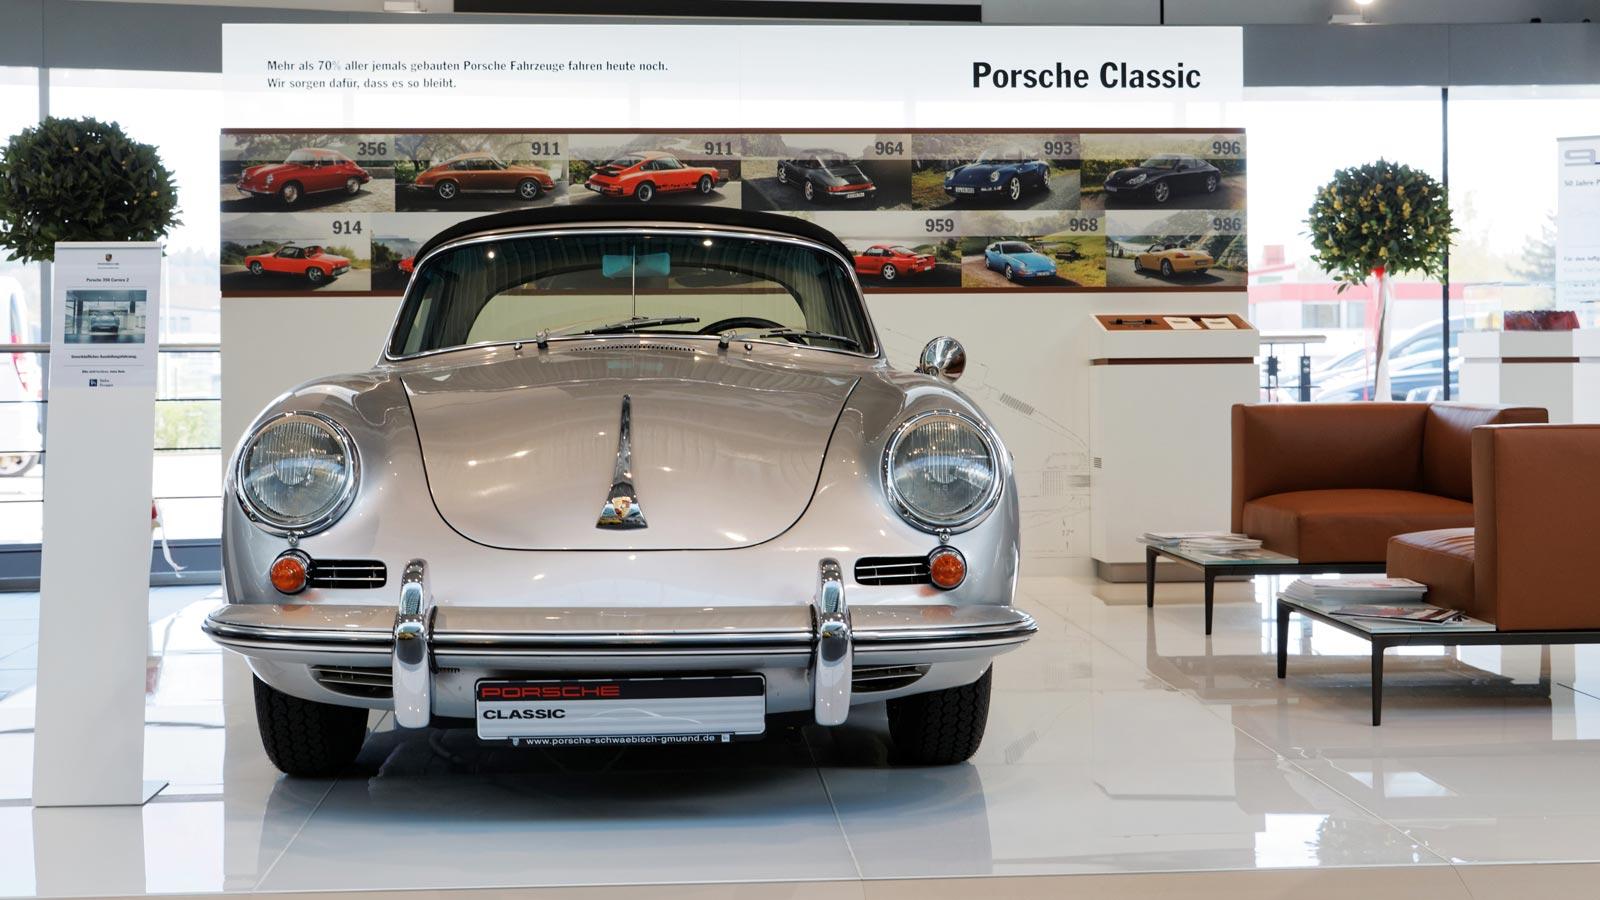 Porsche - Порше Центр Швебиш-Гмюнд